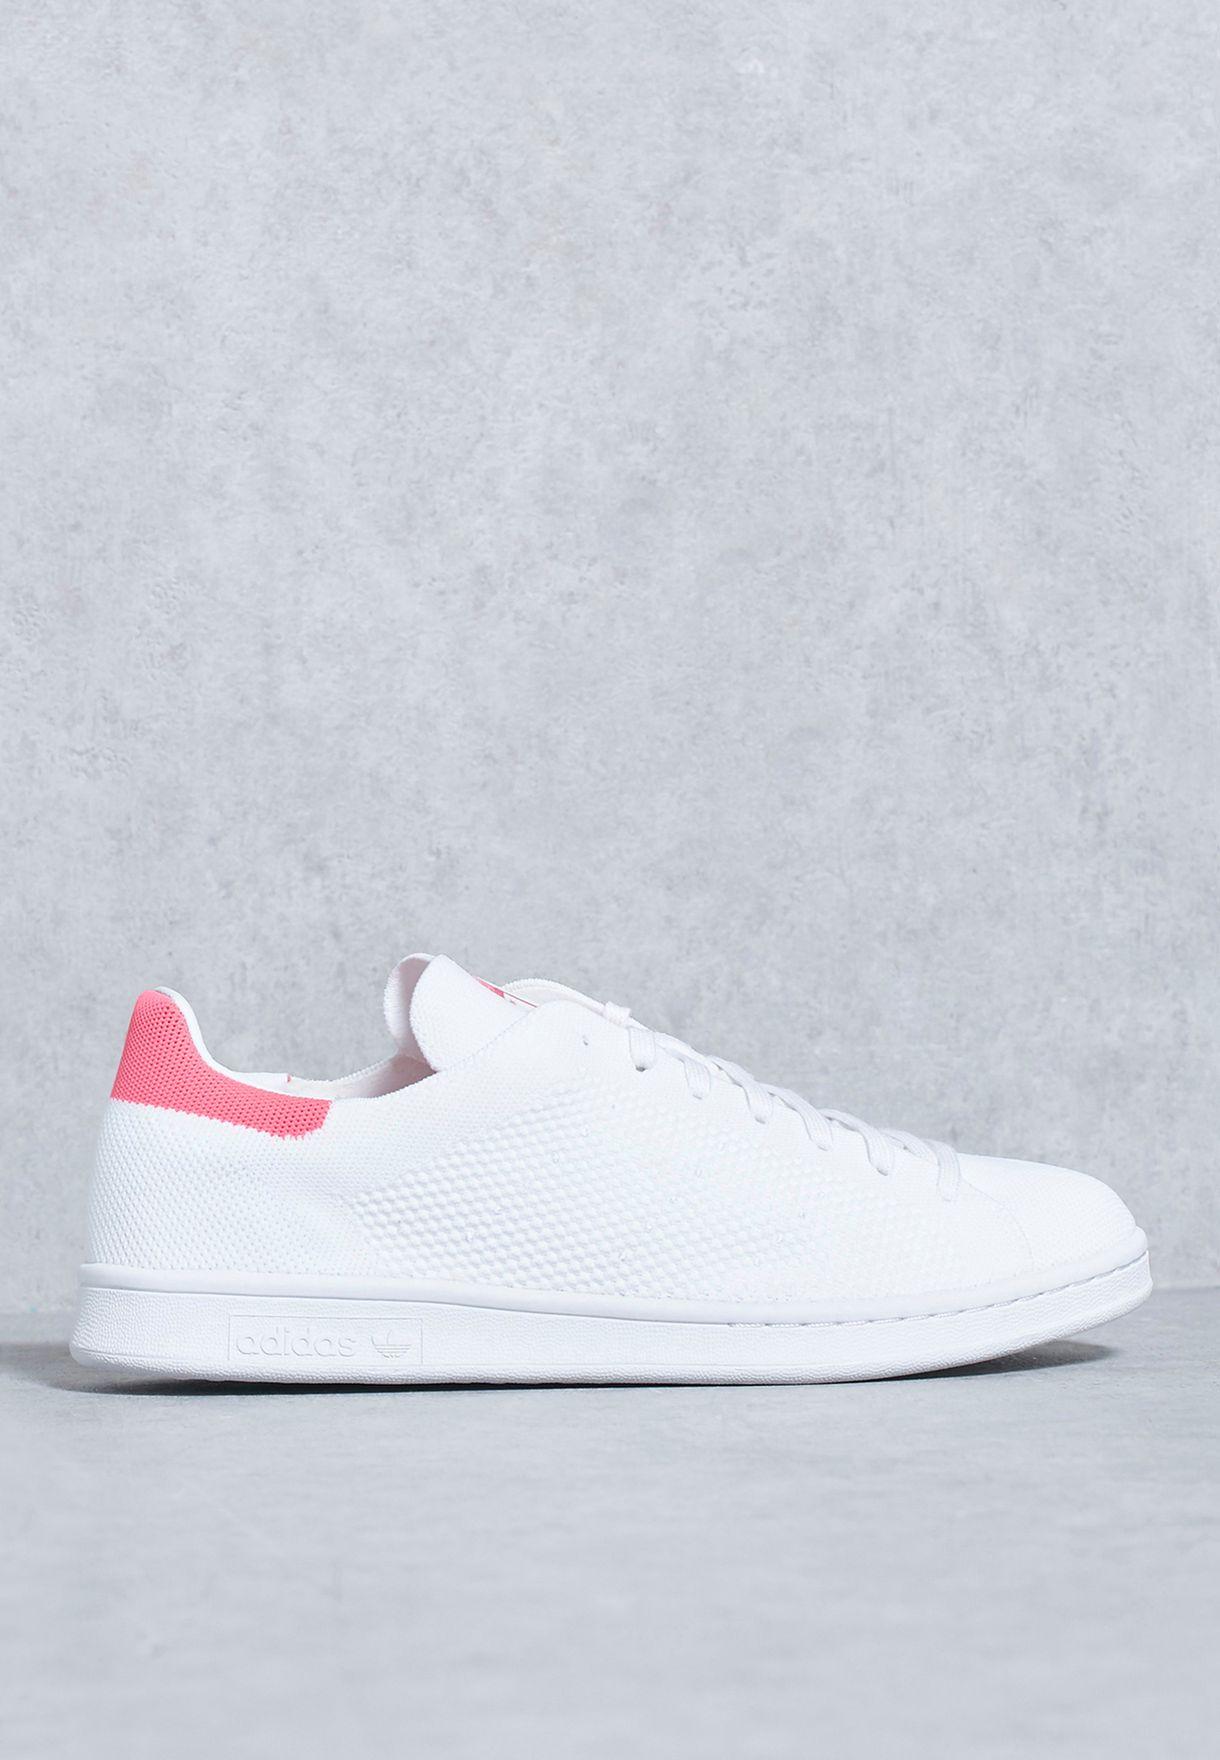 negozio adidas originali white stan smith pk bz0115 per gli uomini in oman